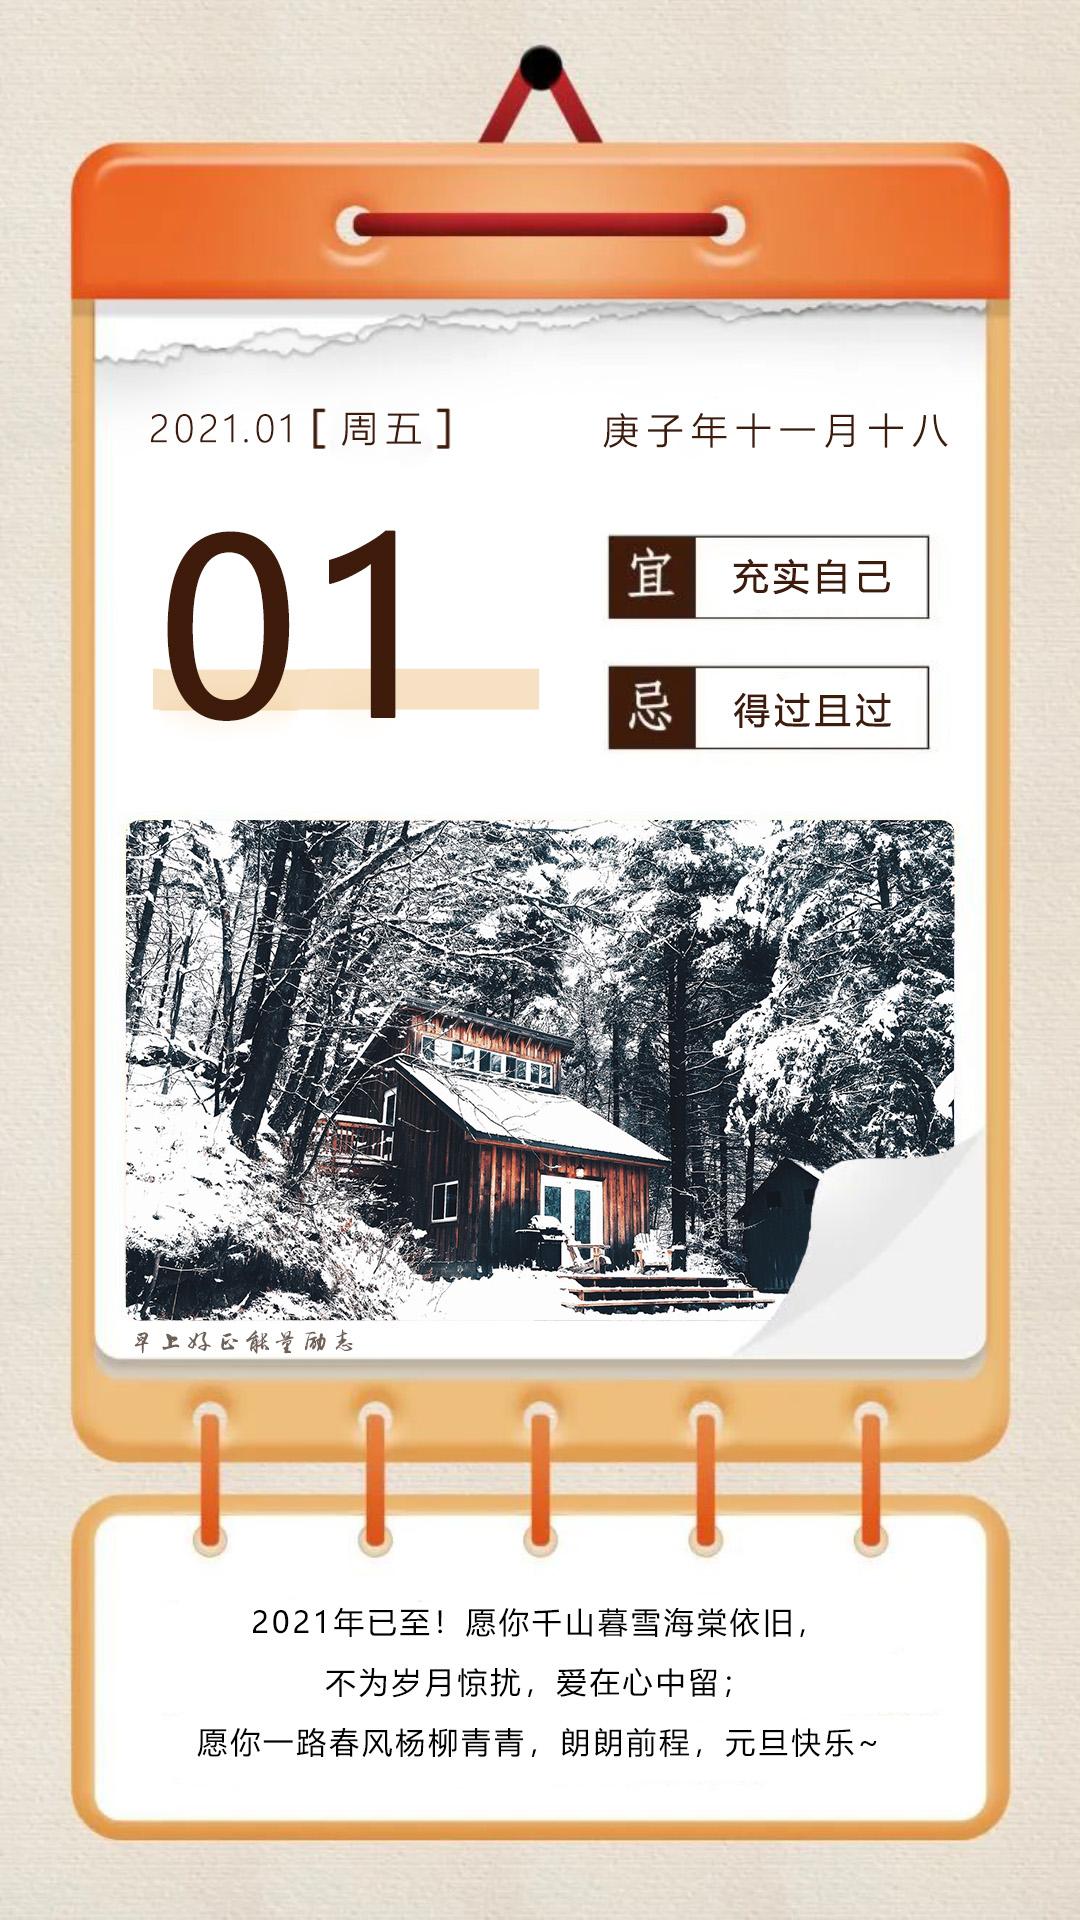 2021年第一天的图片配图日签,1月1日正能量温暖文案说说